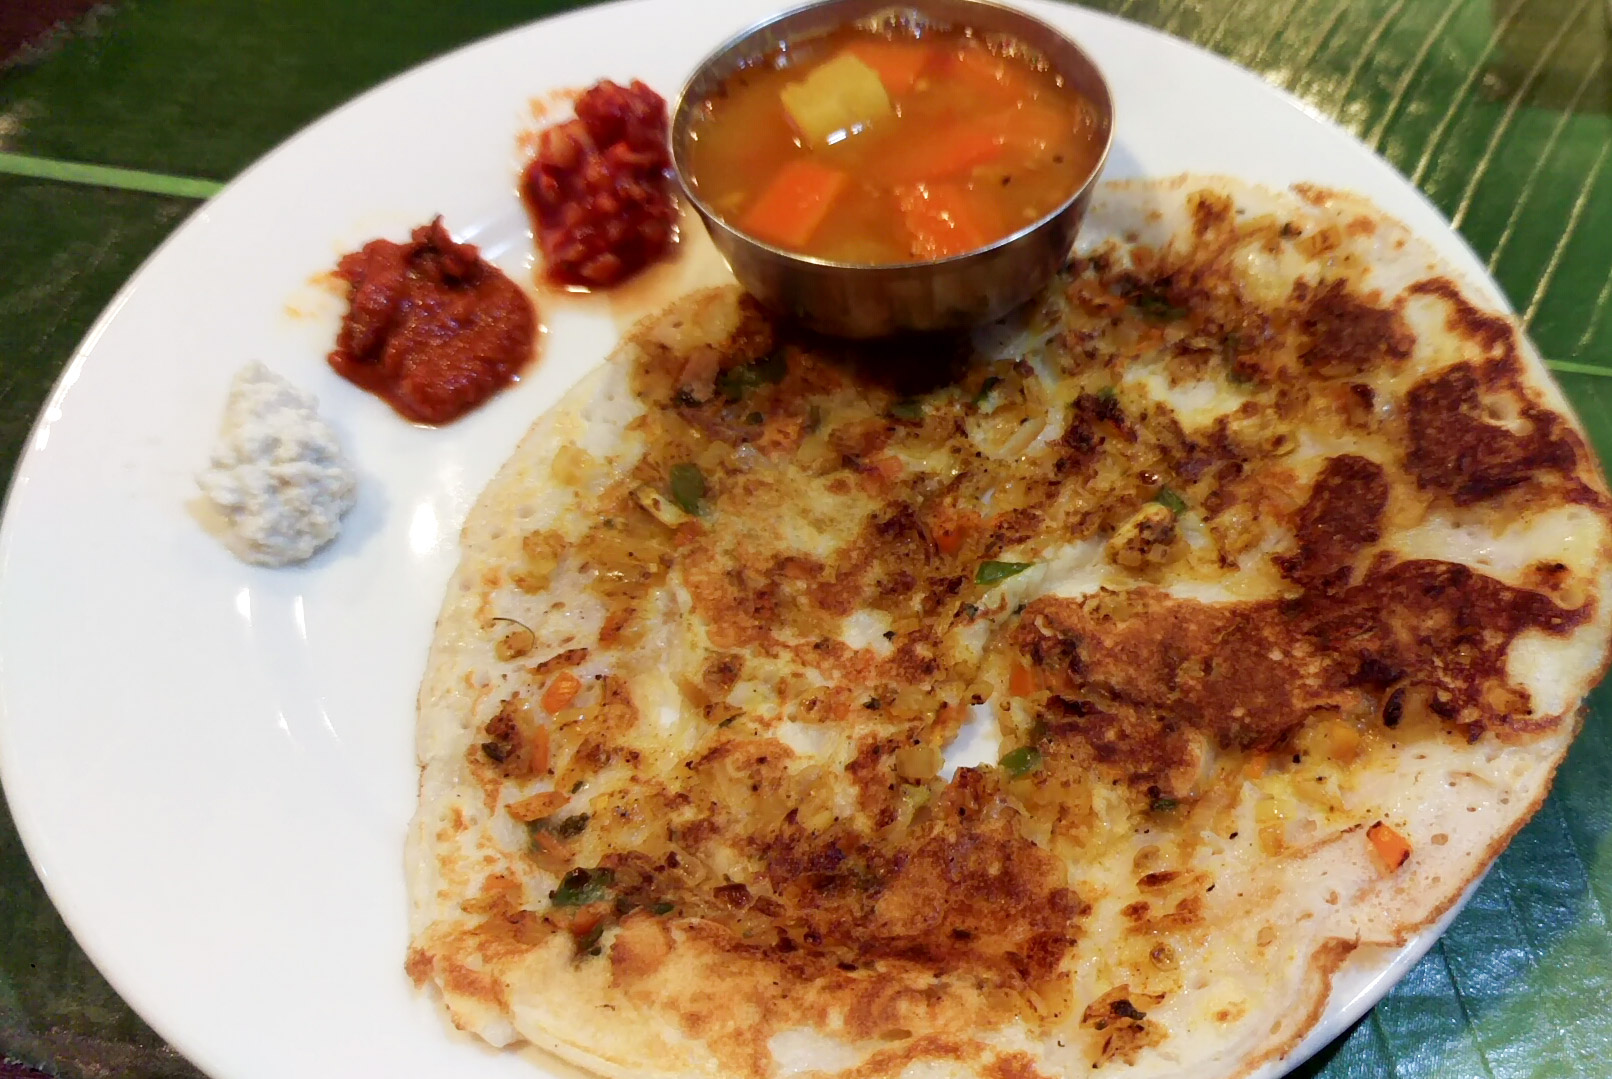 マサラウタパム。チヂミのような食べ物